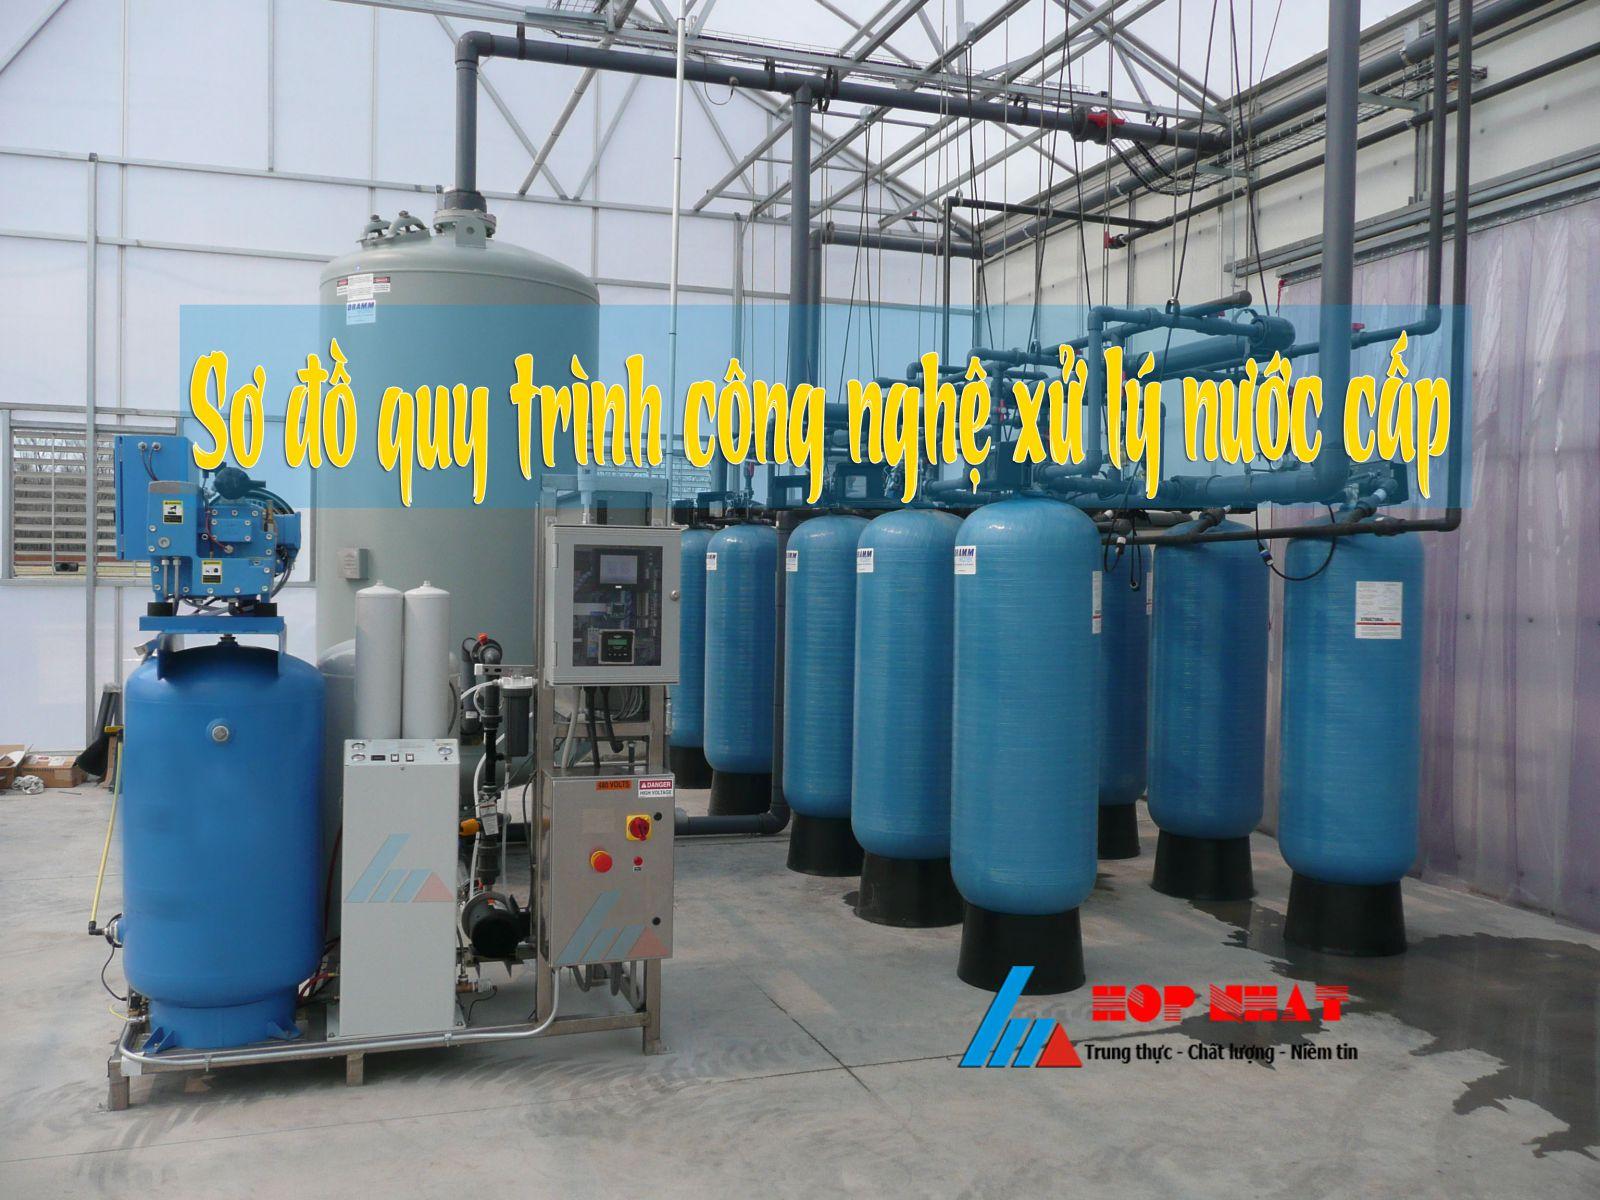 Sơ đồ quy trình công nghệ xử lý nước cấp